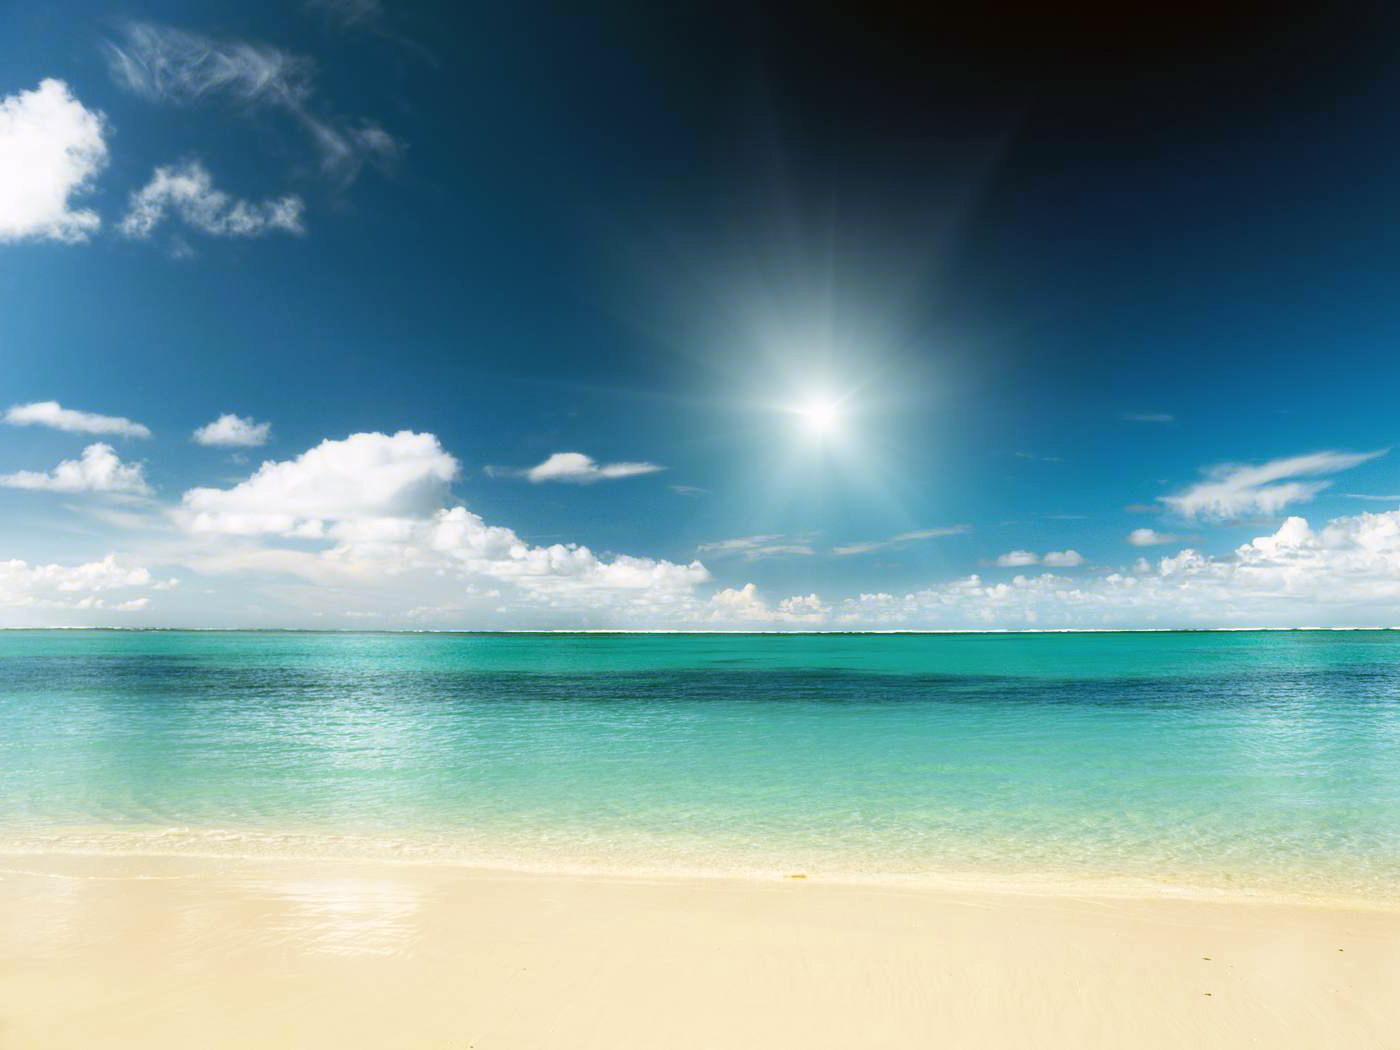 HDoboi.Kiev.ua - Карибское море, пляж, солнце, песок